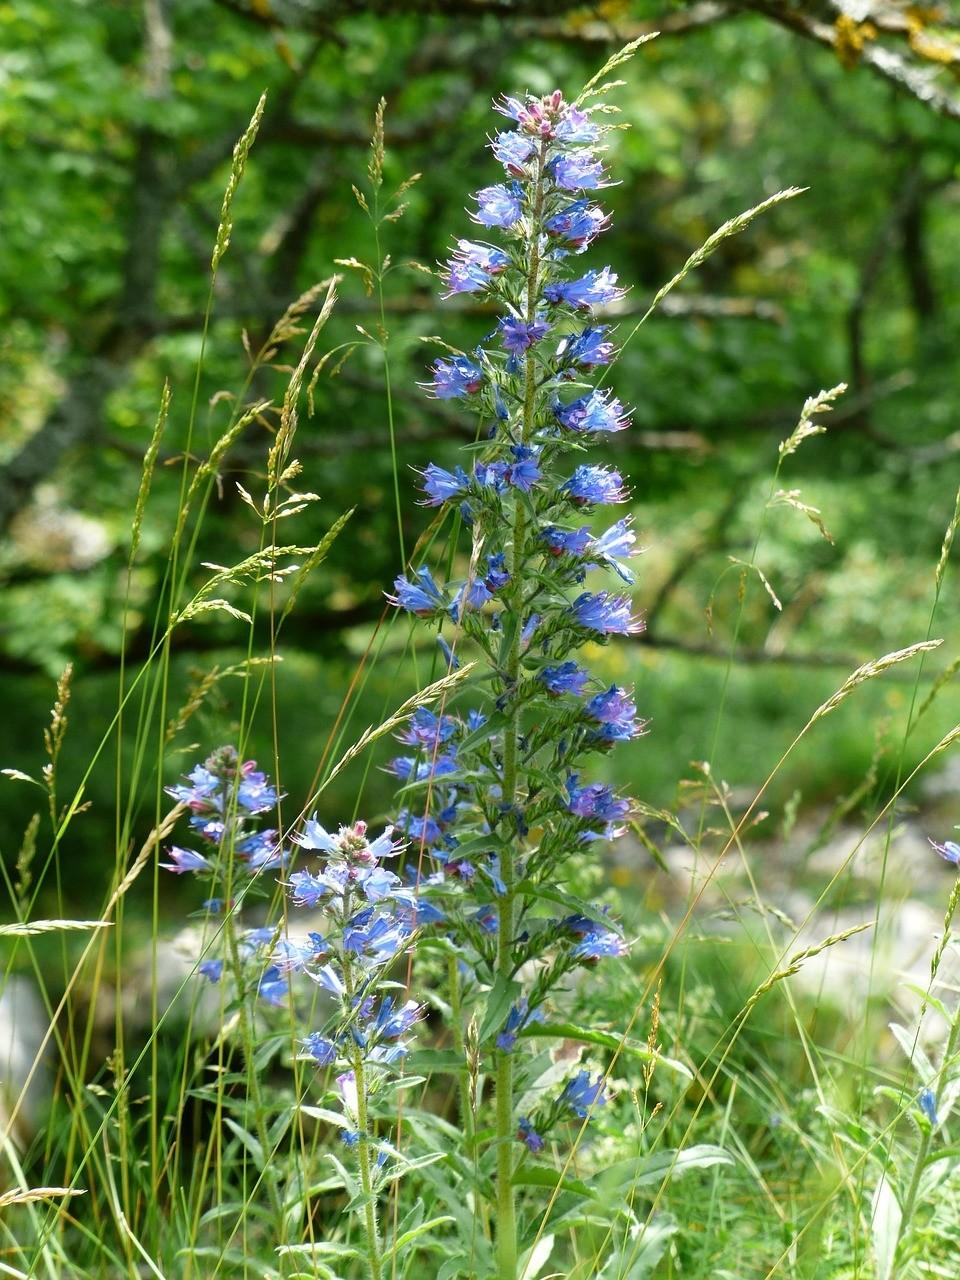 hadinec rostlina - Hadinec obecný se využívá ve formě obkladu při revmatismu a křečových žílách